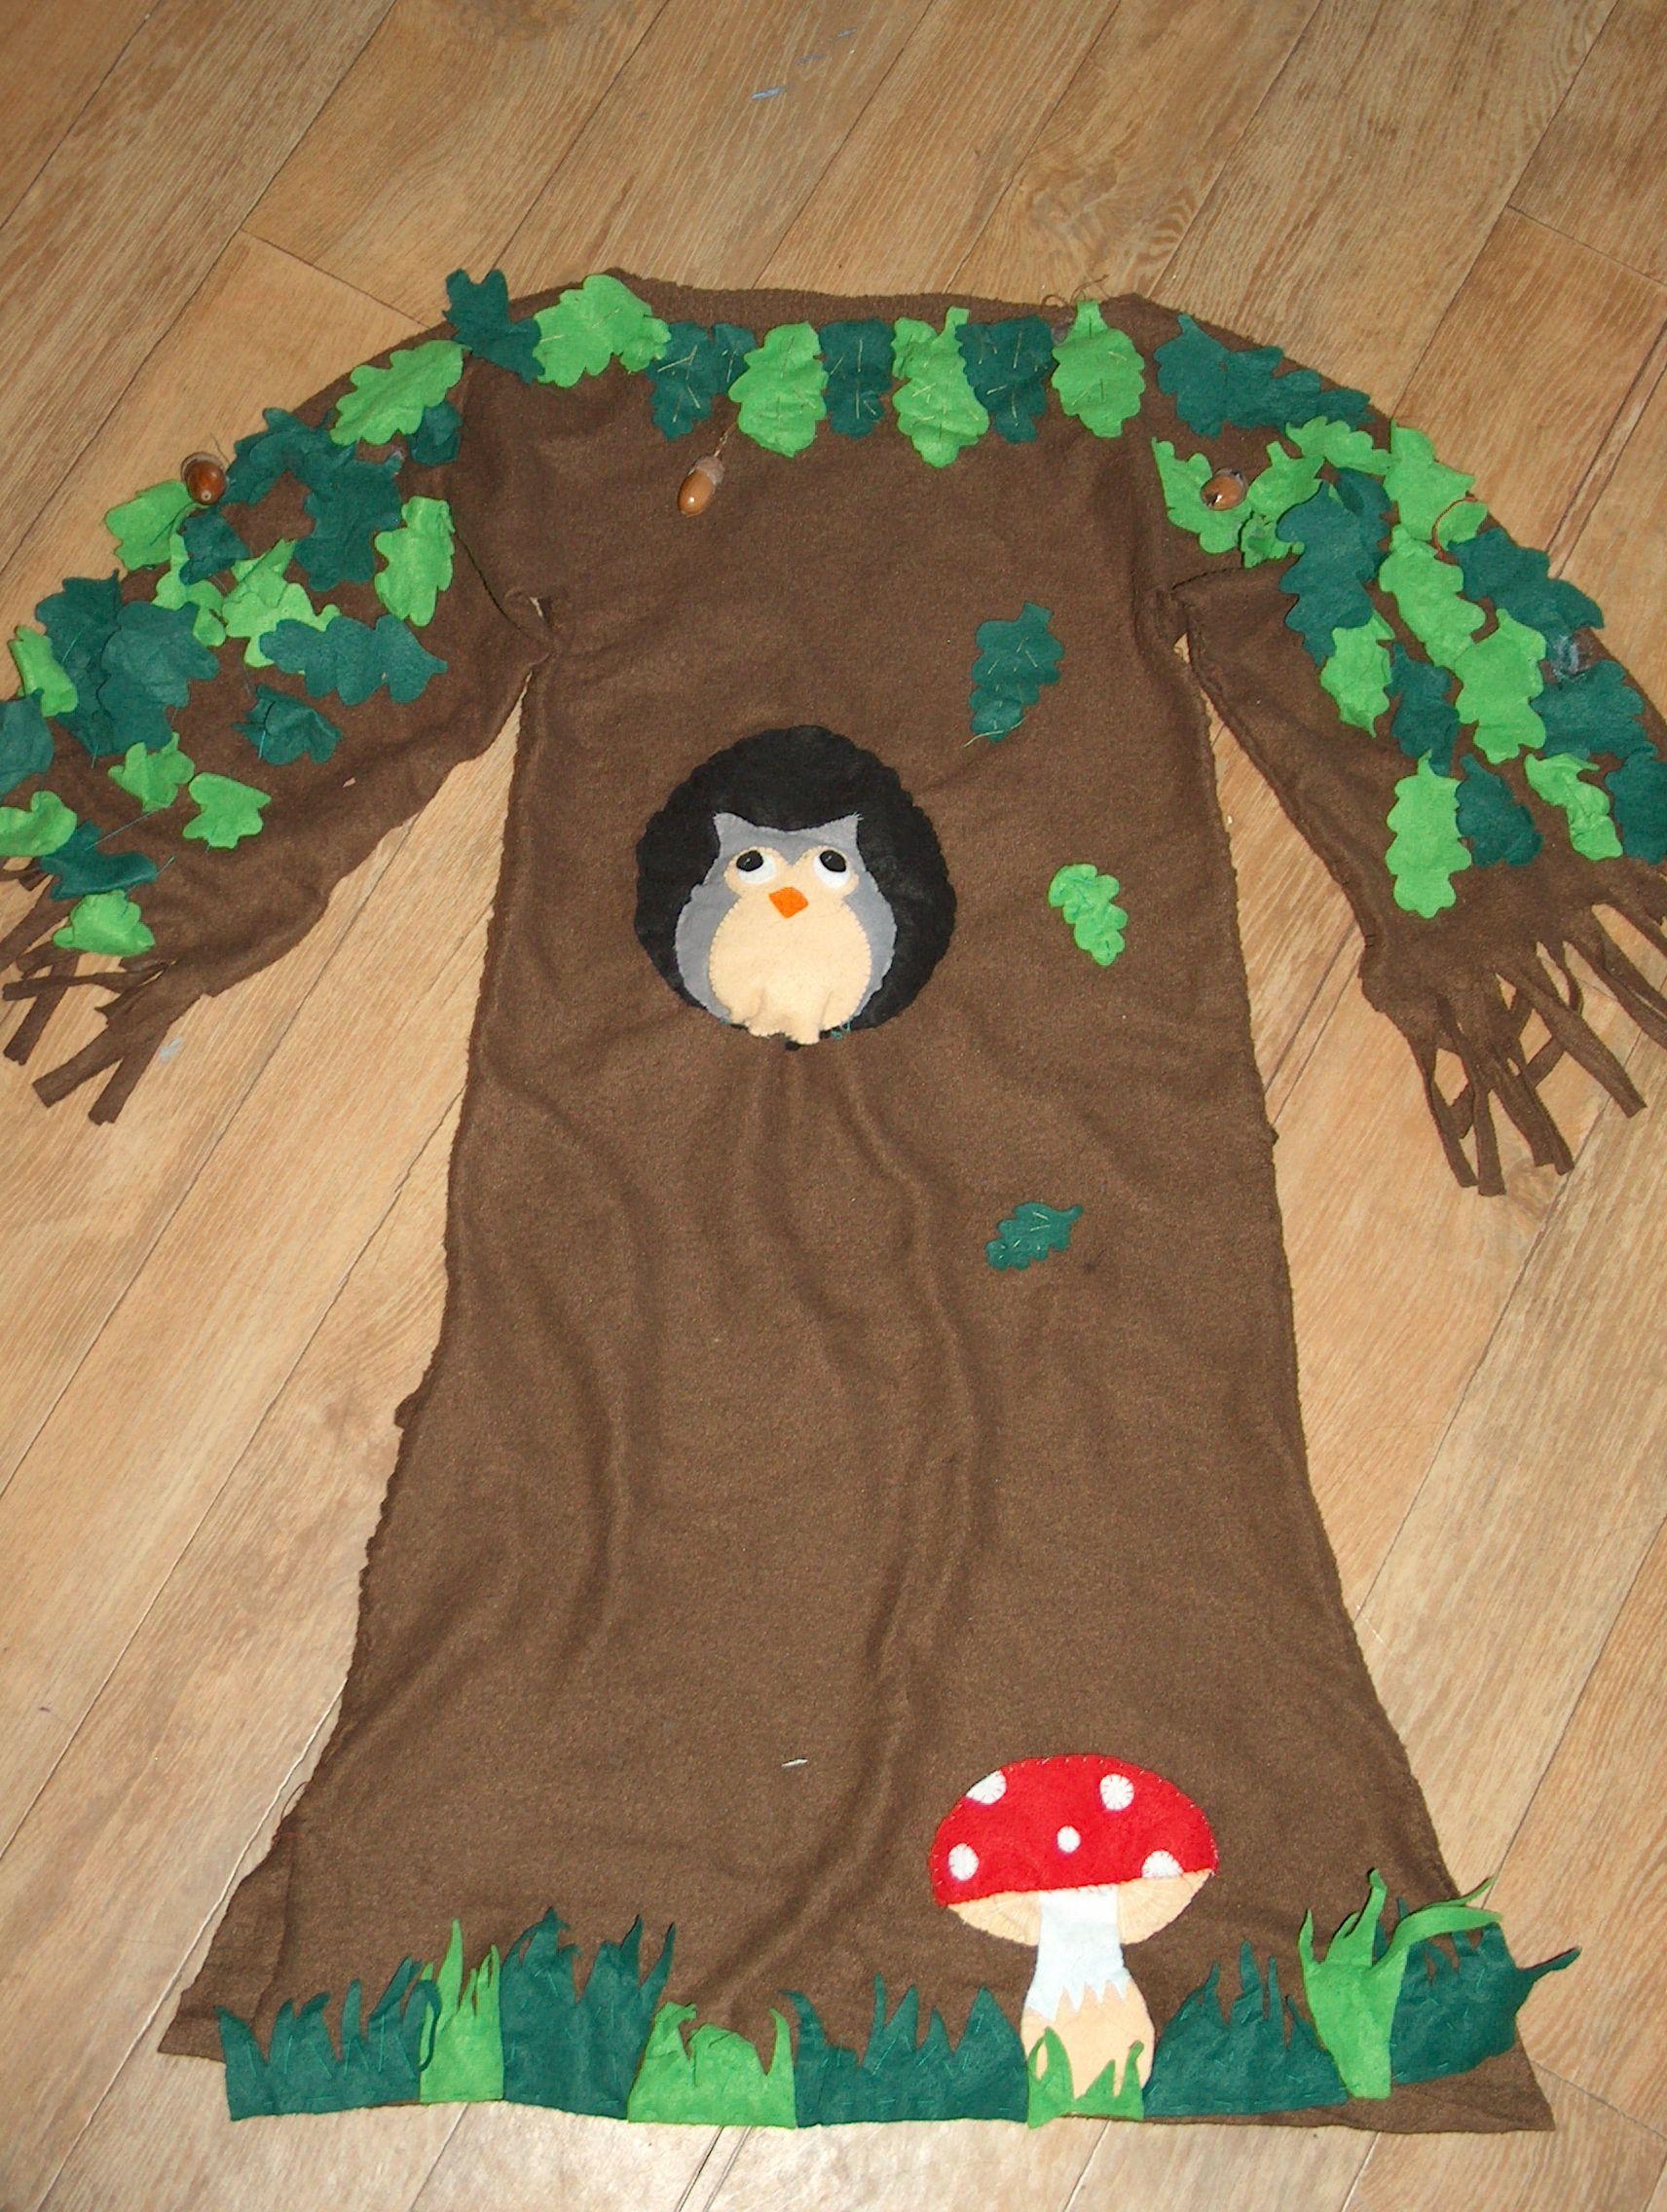 d guisement carnaval theme foret arbre maternelle deco brico marmots pinterest d guisement. Black Bedroom Furniture Sets. Home Design Ideas